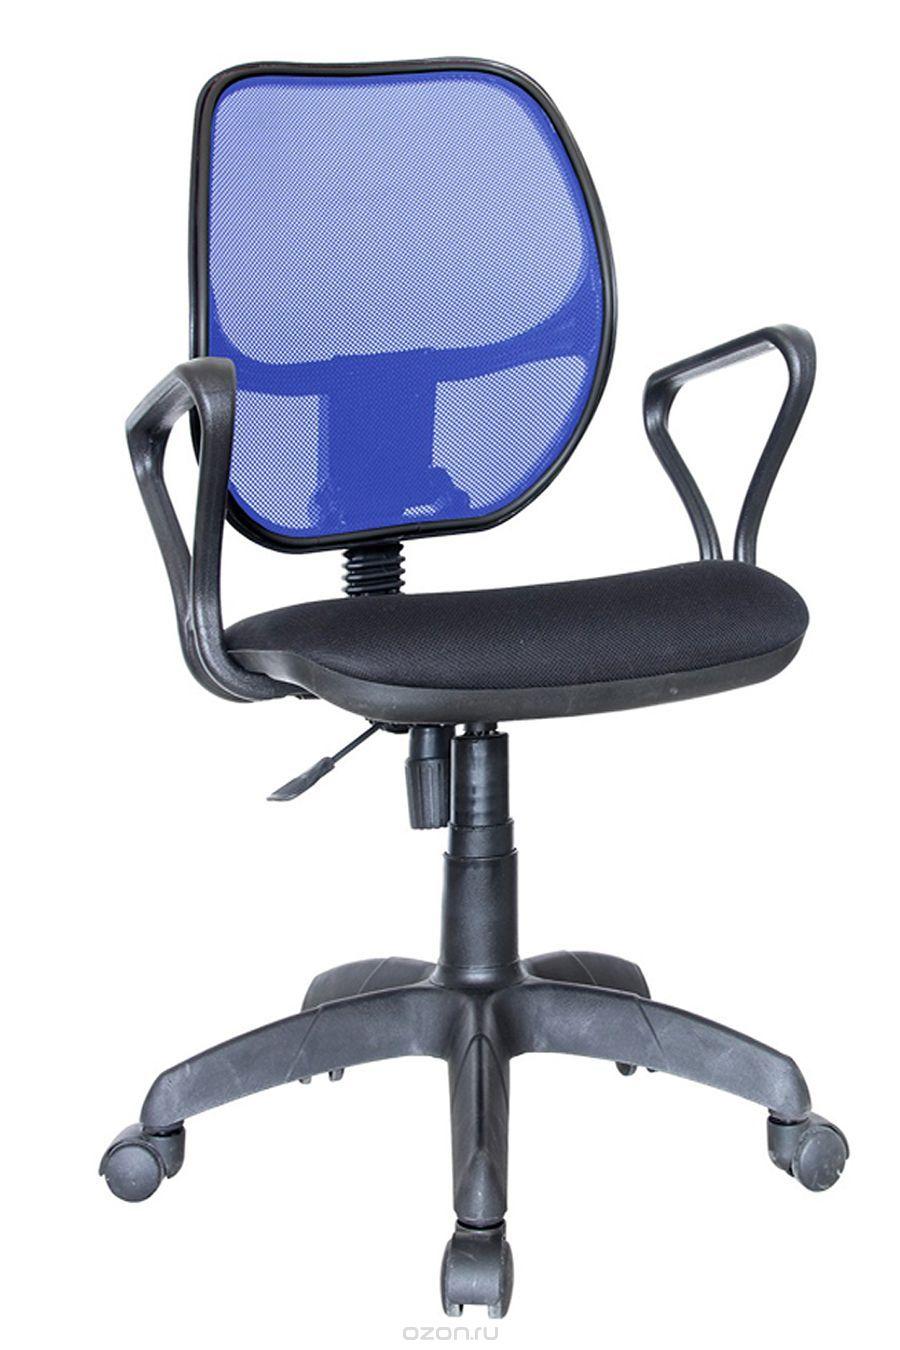 Компьютерное кресло Марс Самба, ткань, синяя/черная